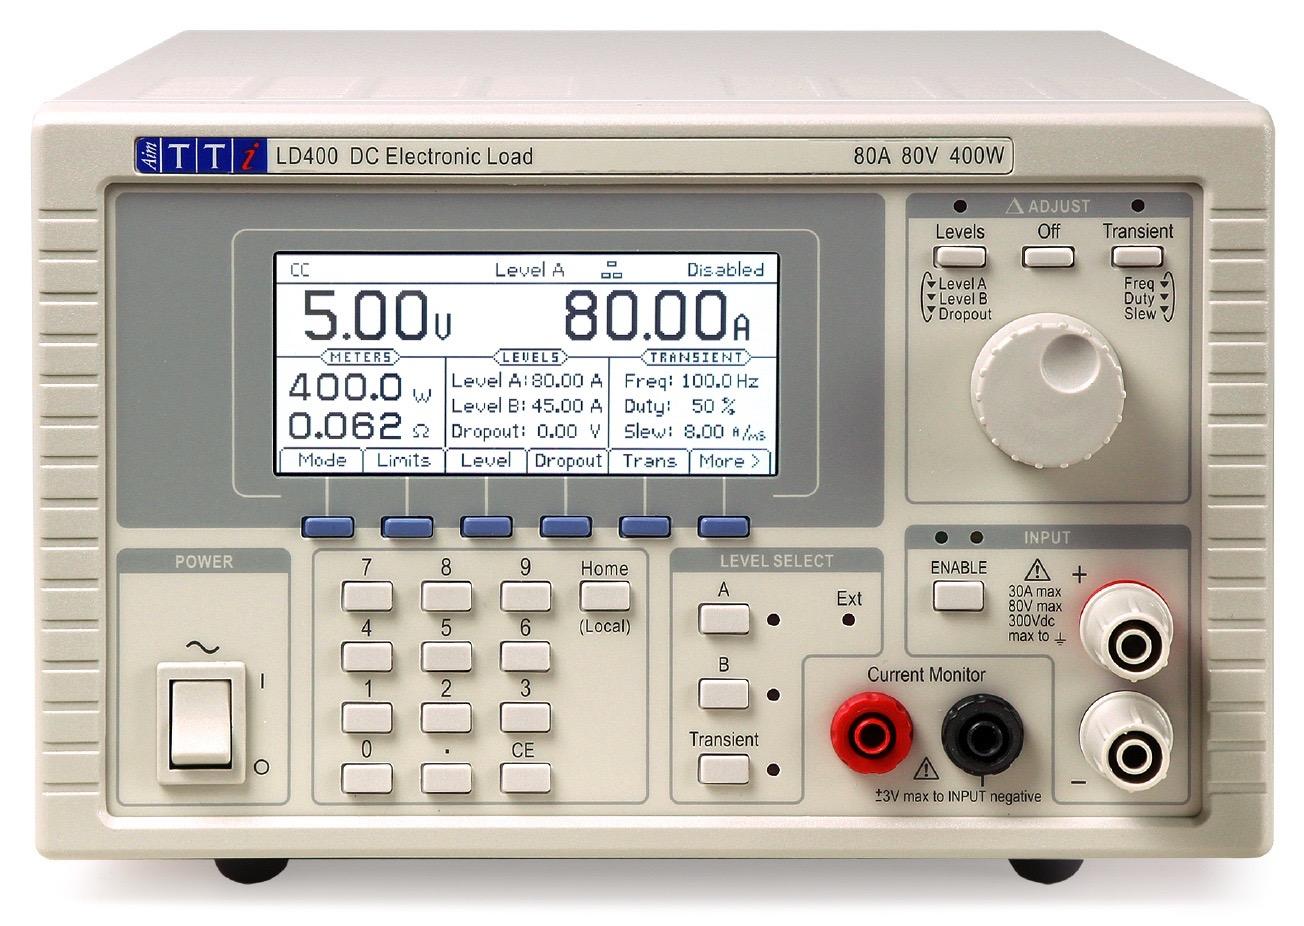 TTi LD400 DC load